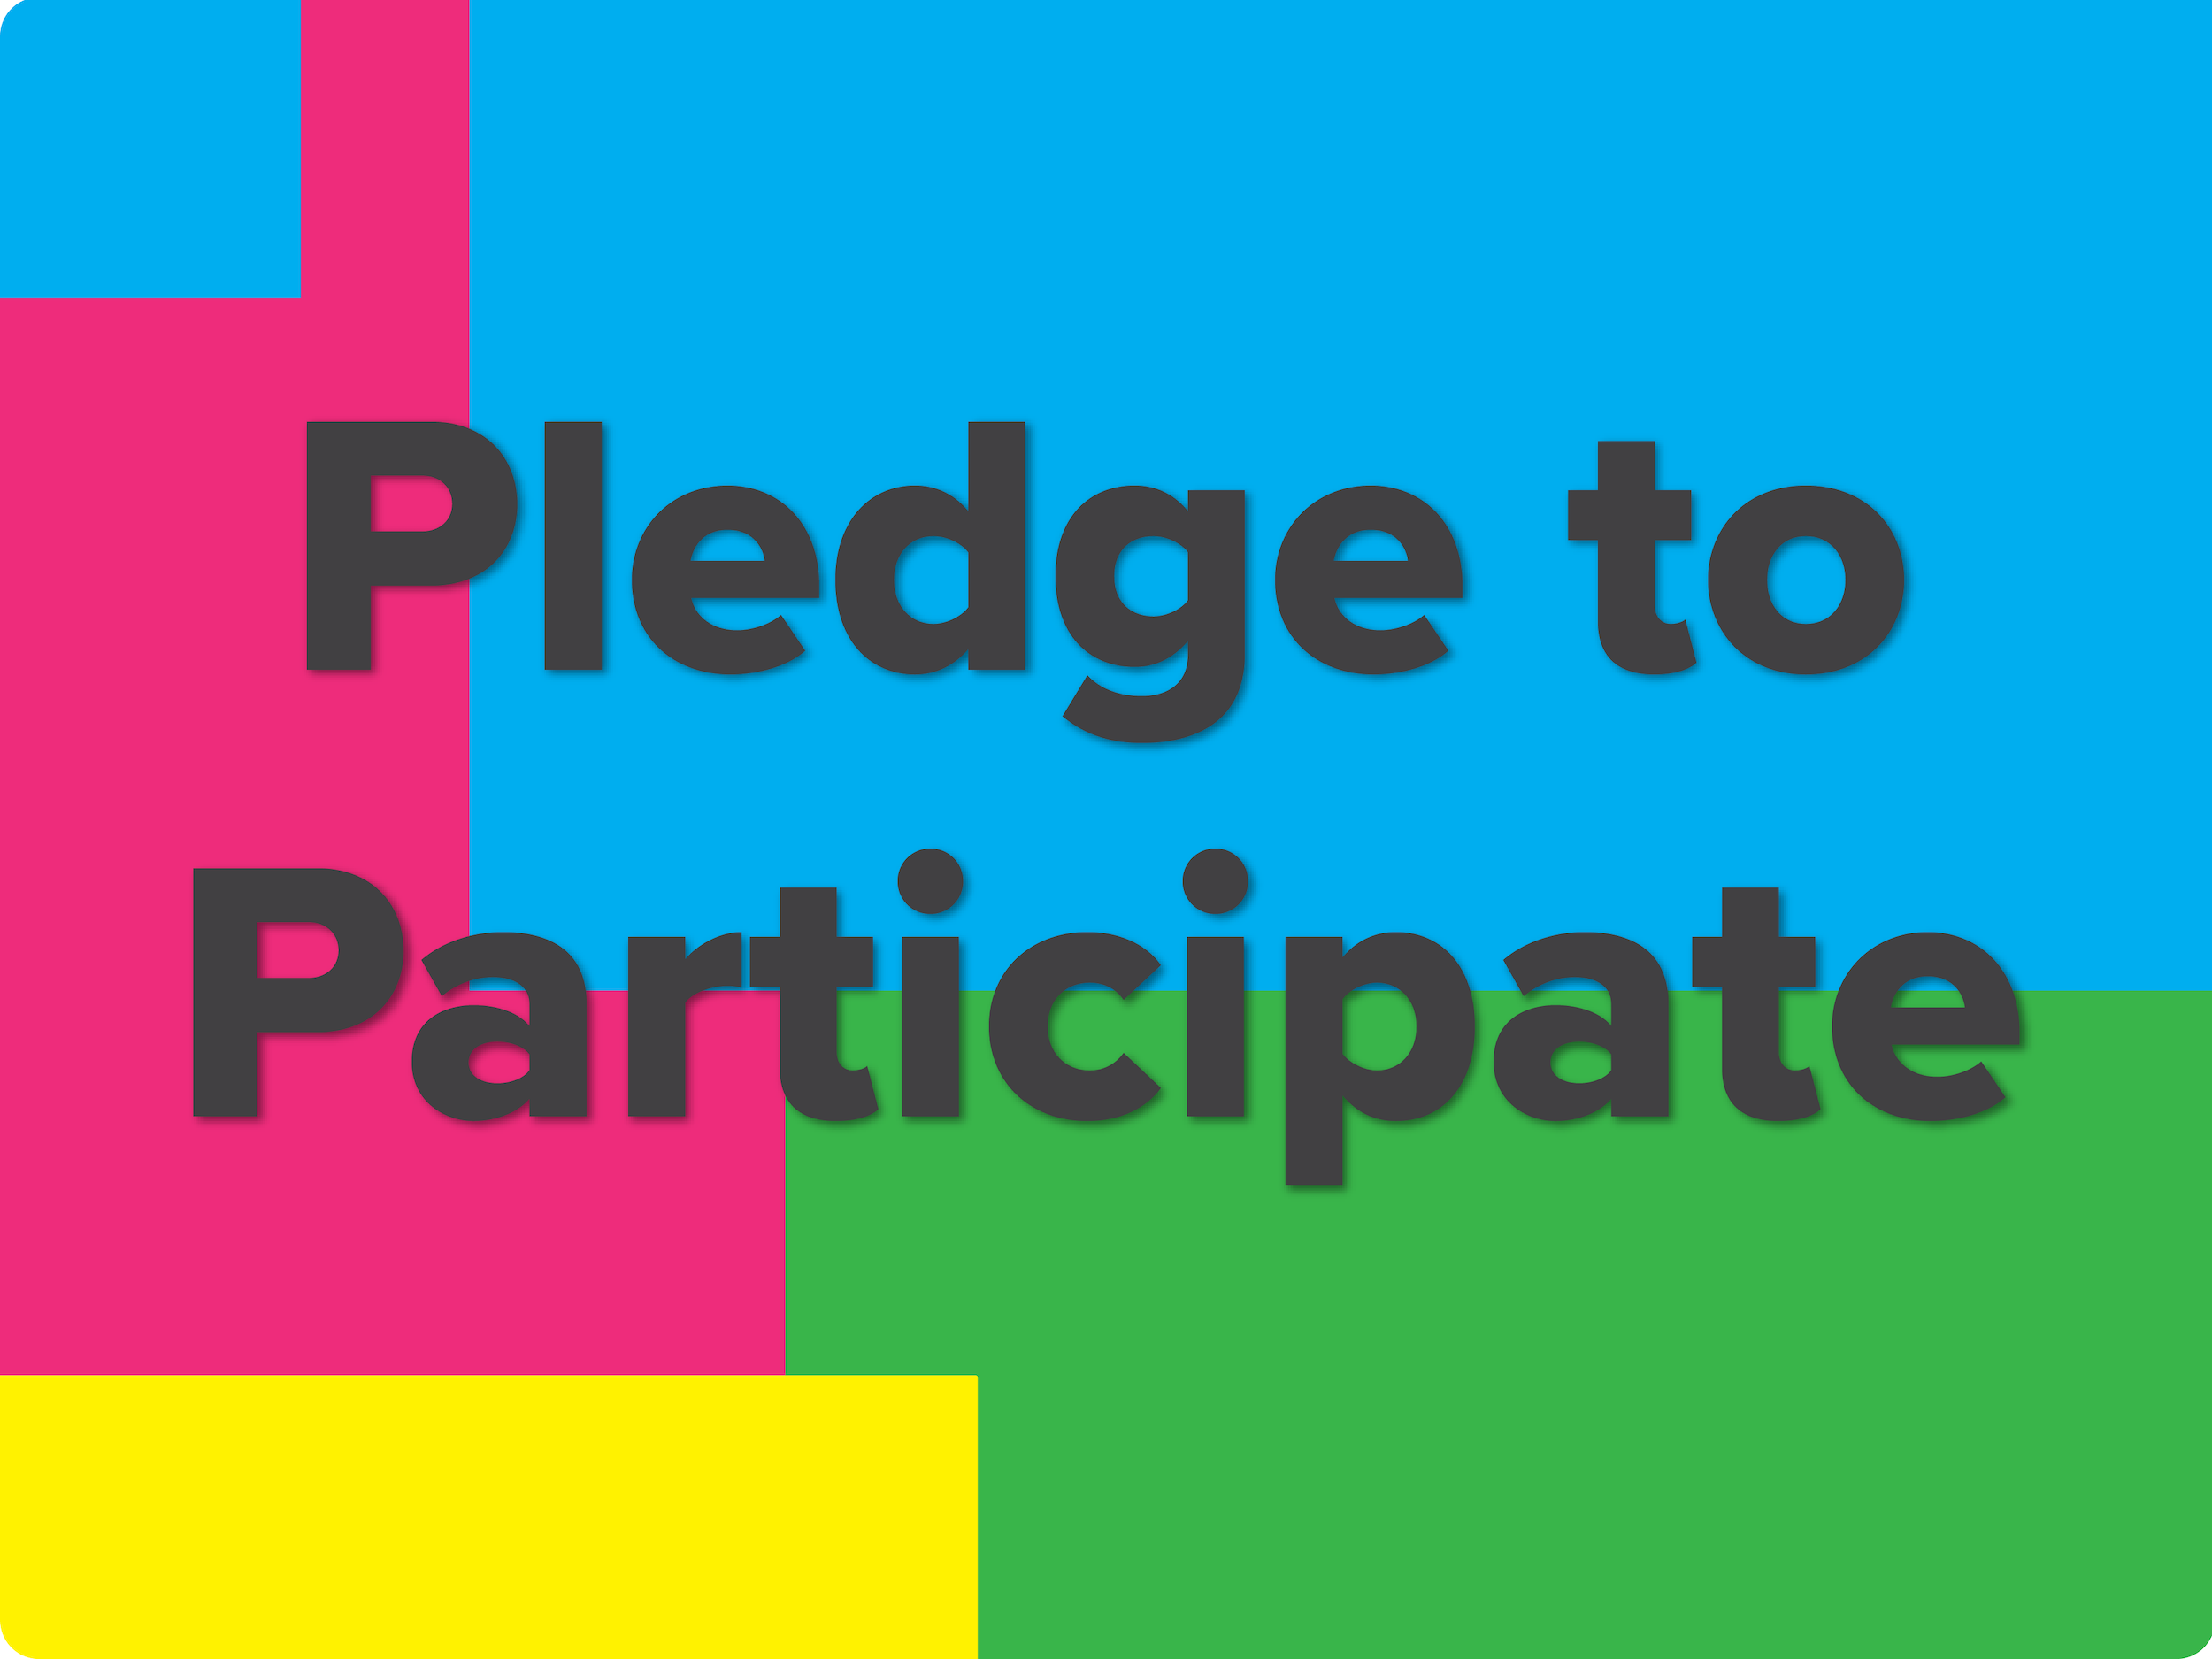 2021 Pledge